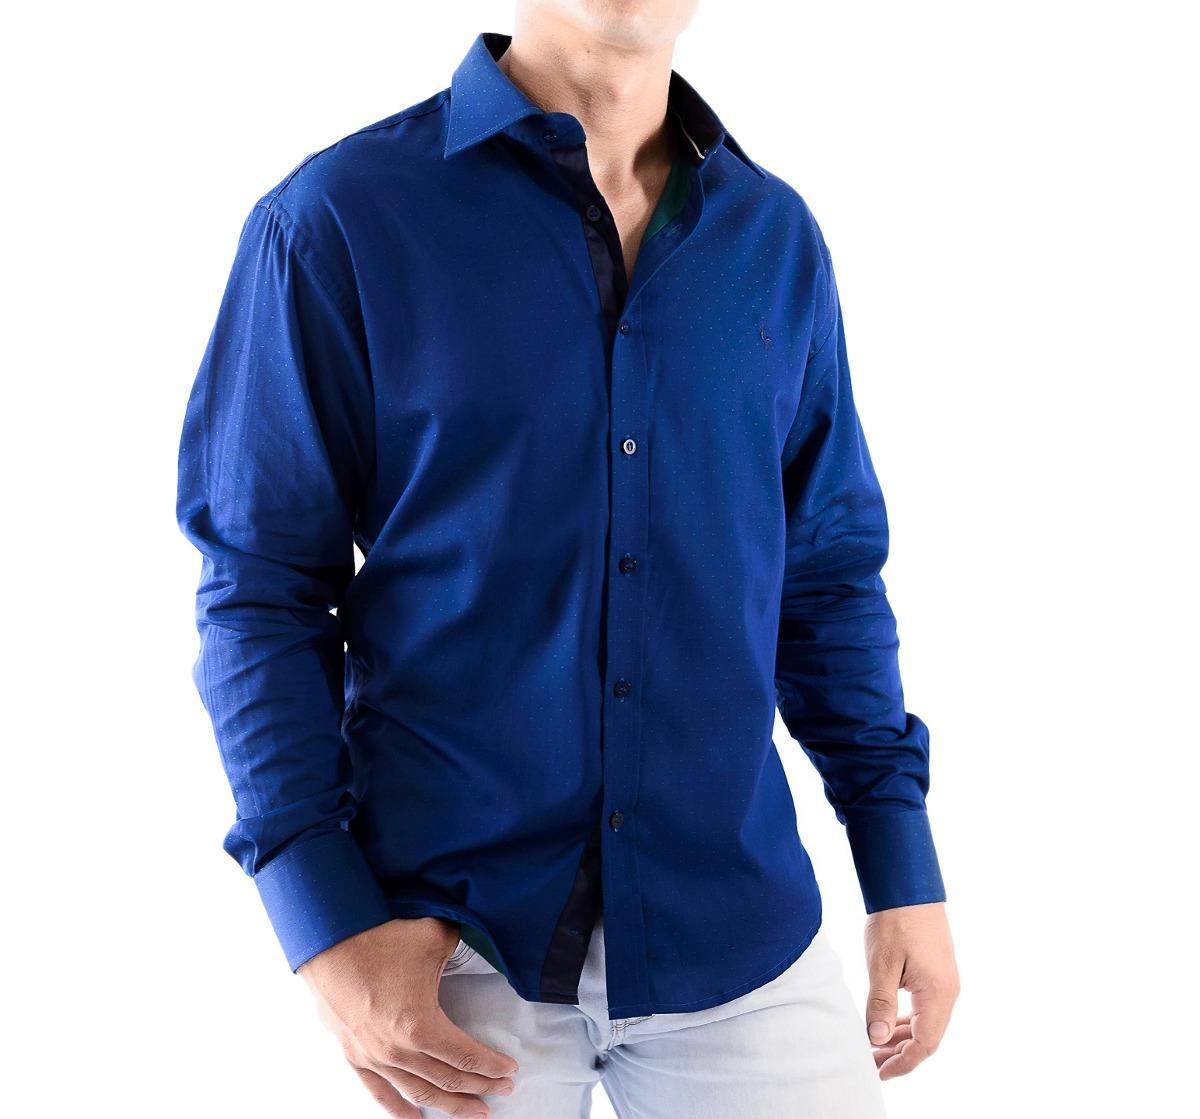 camisa zimpool social slim fit manga longa azul escuro 2018. Carregando  zoom. 0d0807cb0e6f9